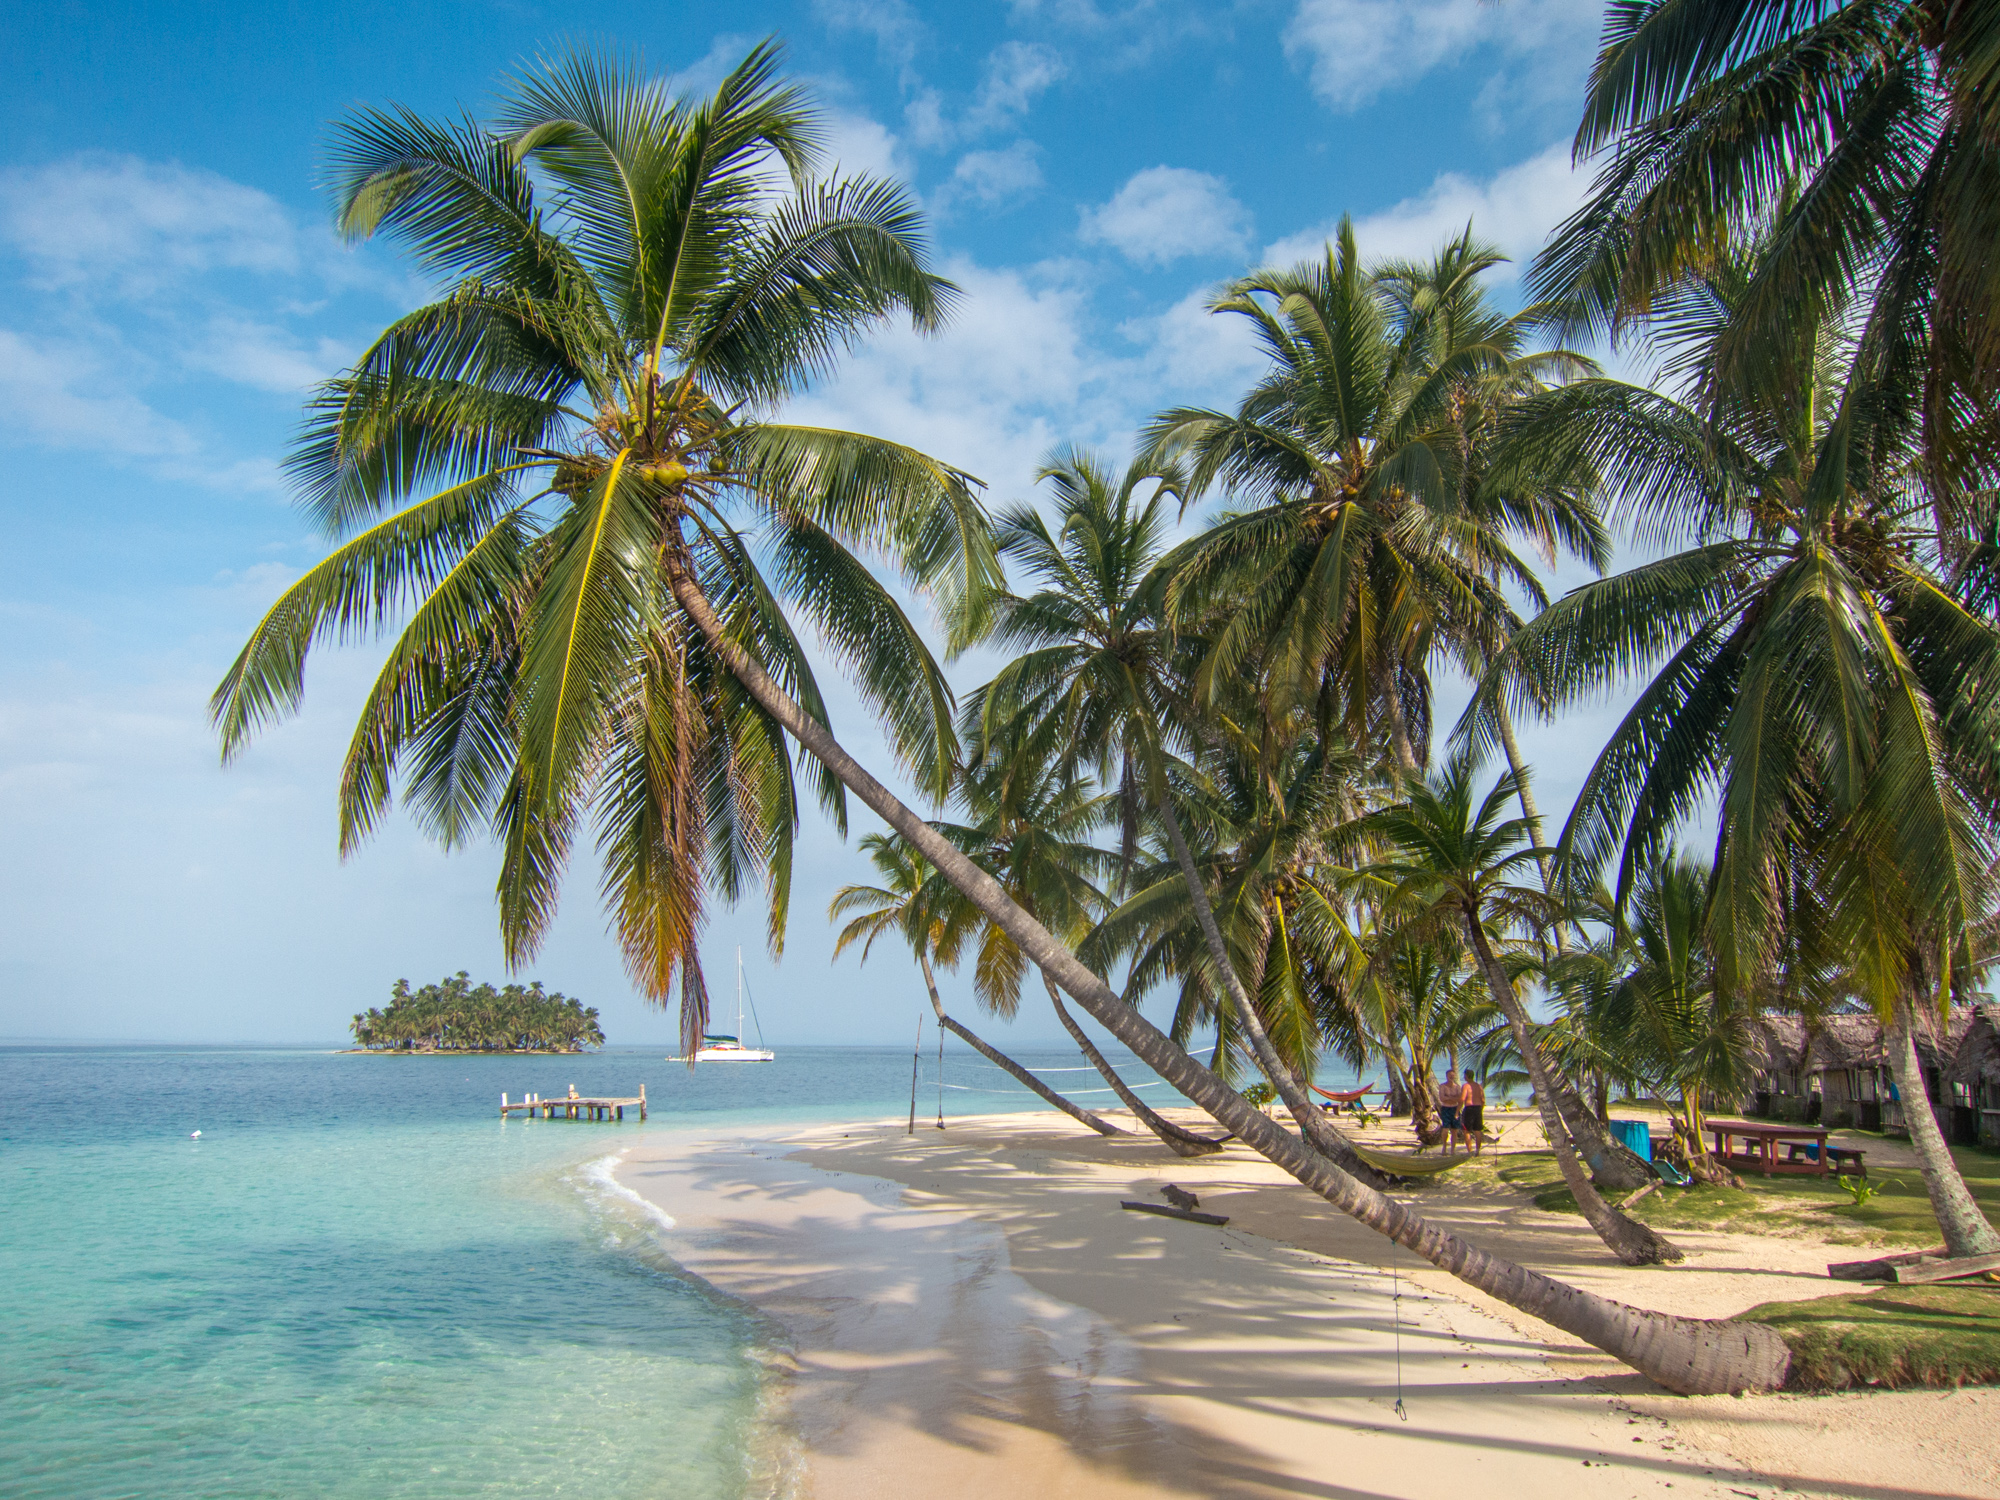 Kuanidup island